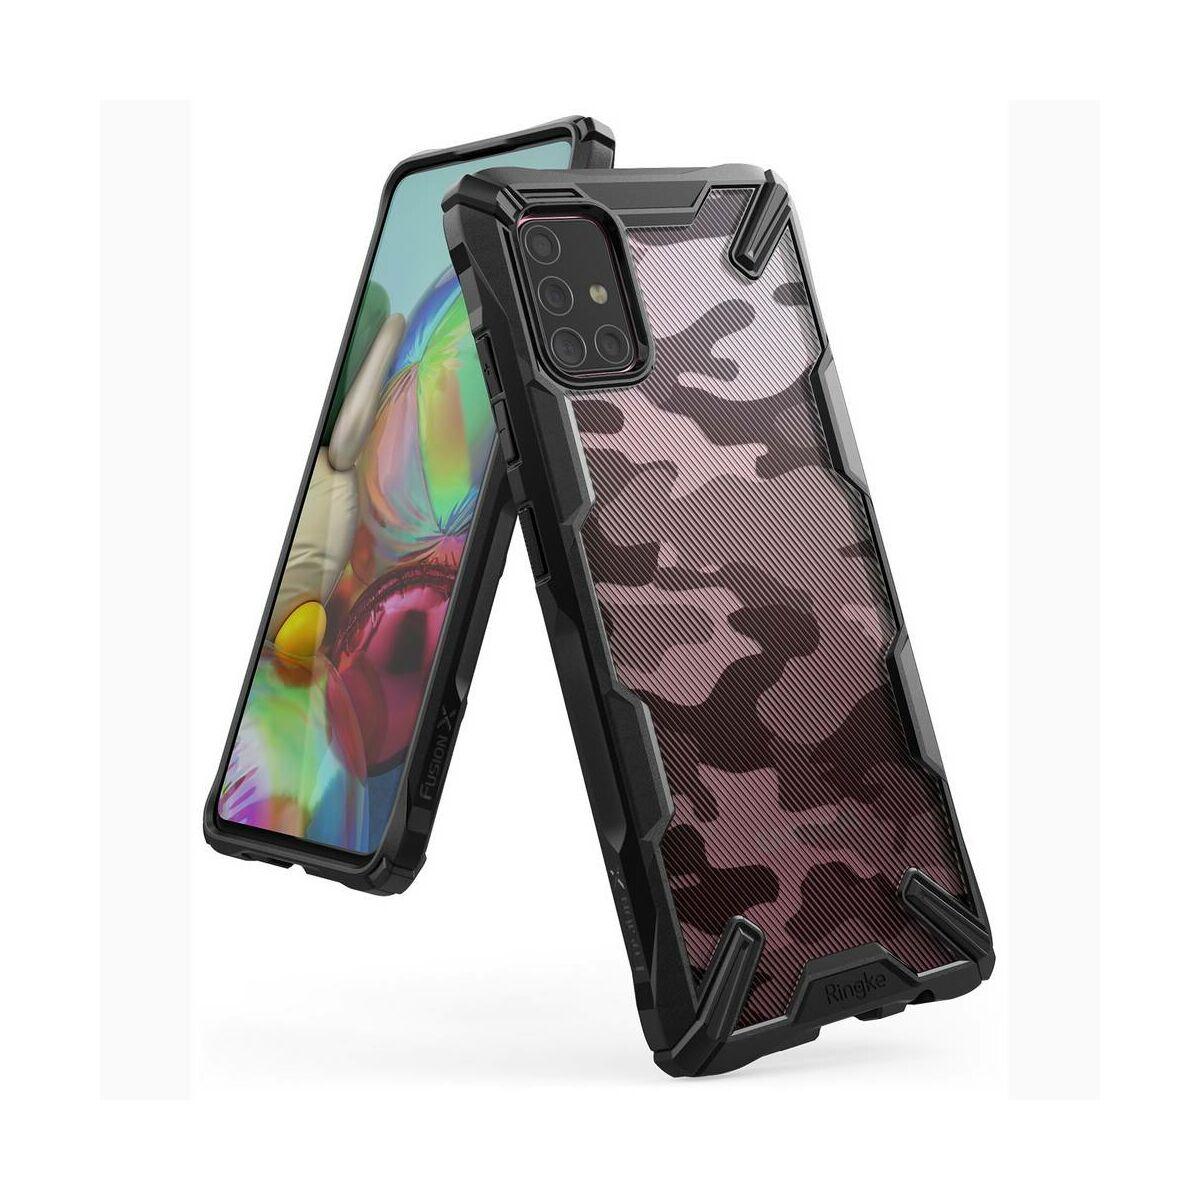 Ringke Samsung Galaxy A71 tok, Fusion X, Design Camo, terepmintás, fekete